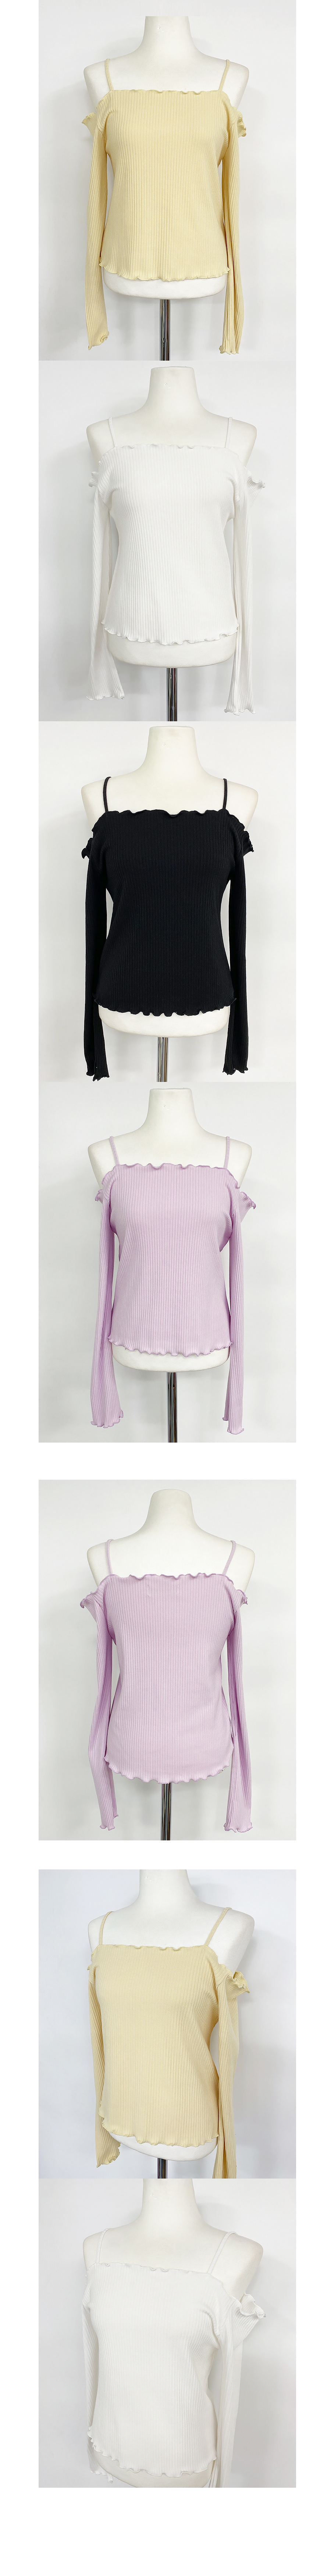 Soy off shoulder Ribbed Knitwear 6color